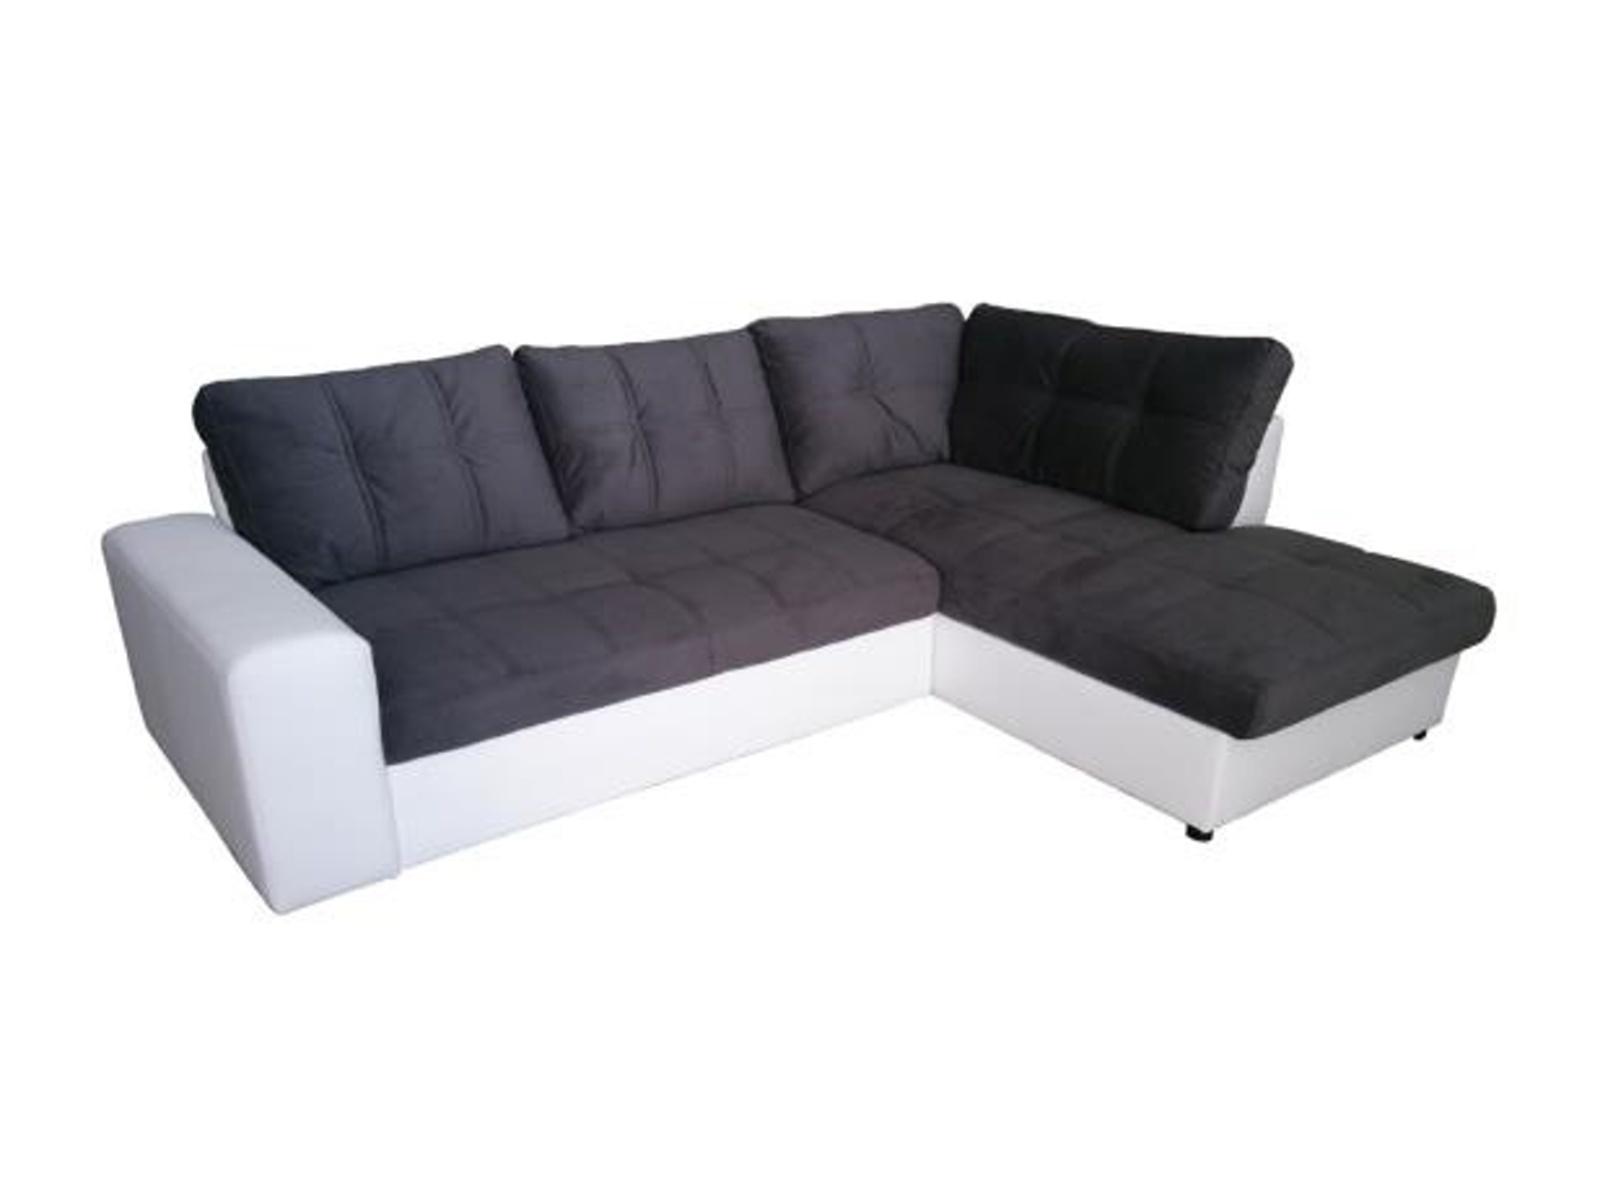 Aspol Rohová sedačka ORLANDO, šedá/bílá, pravá